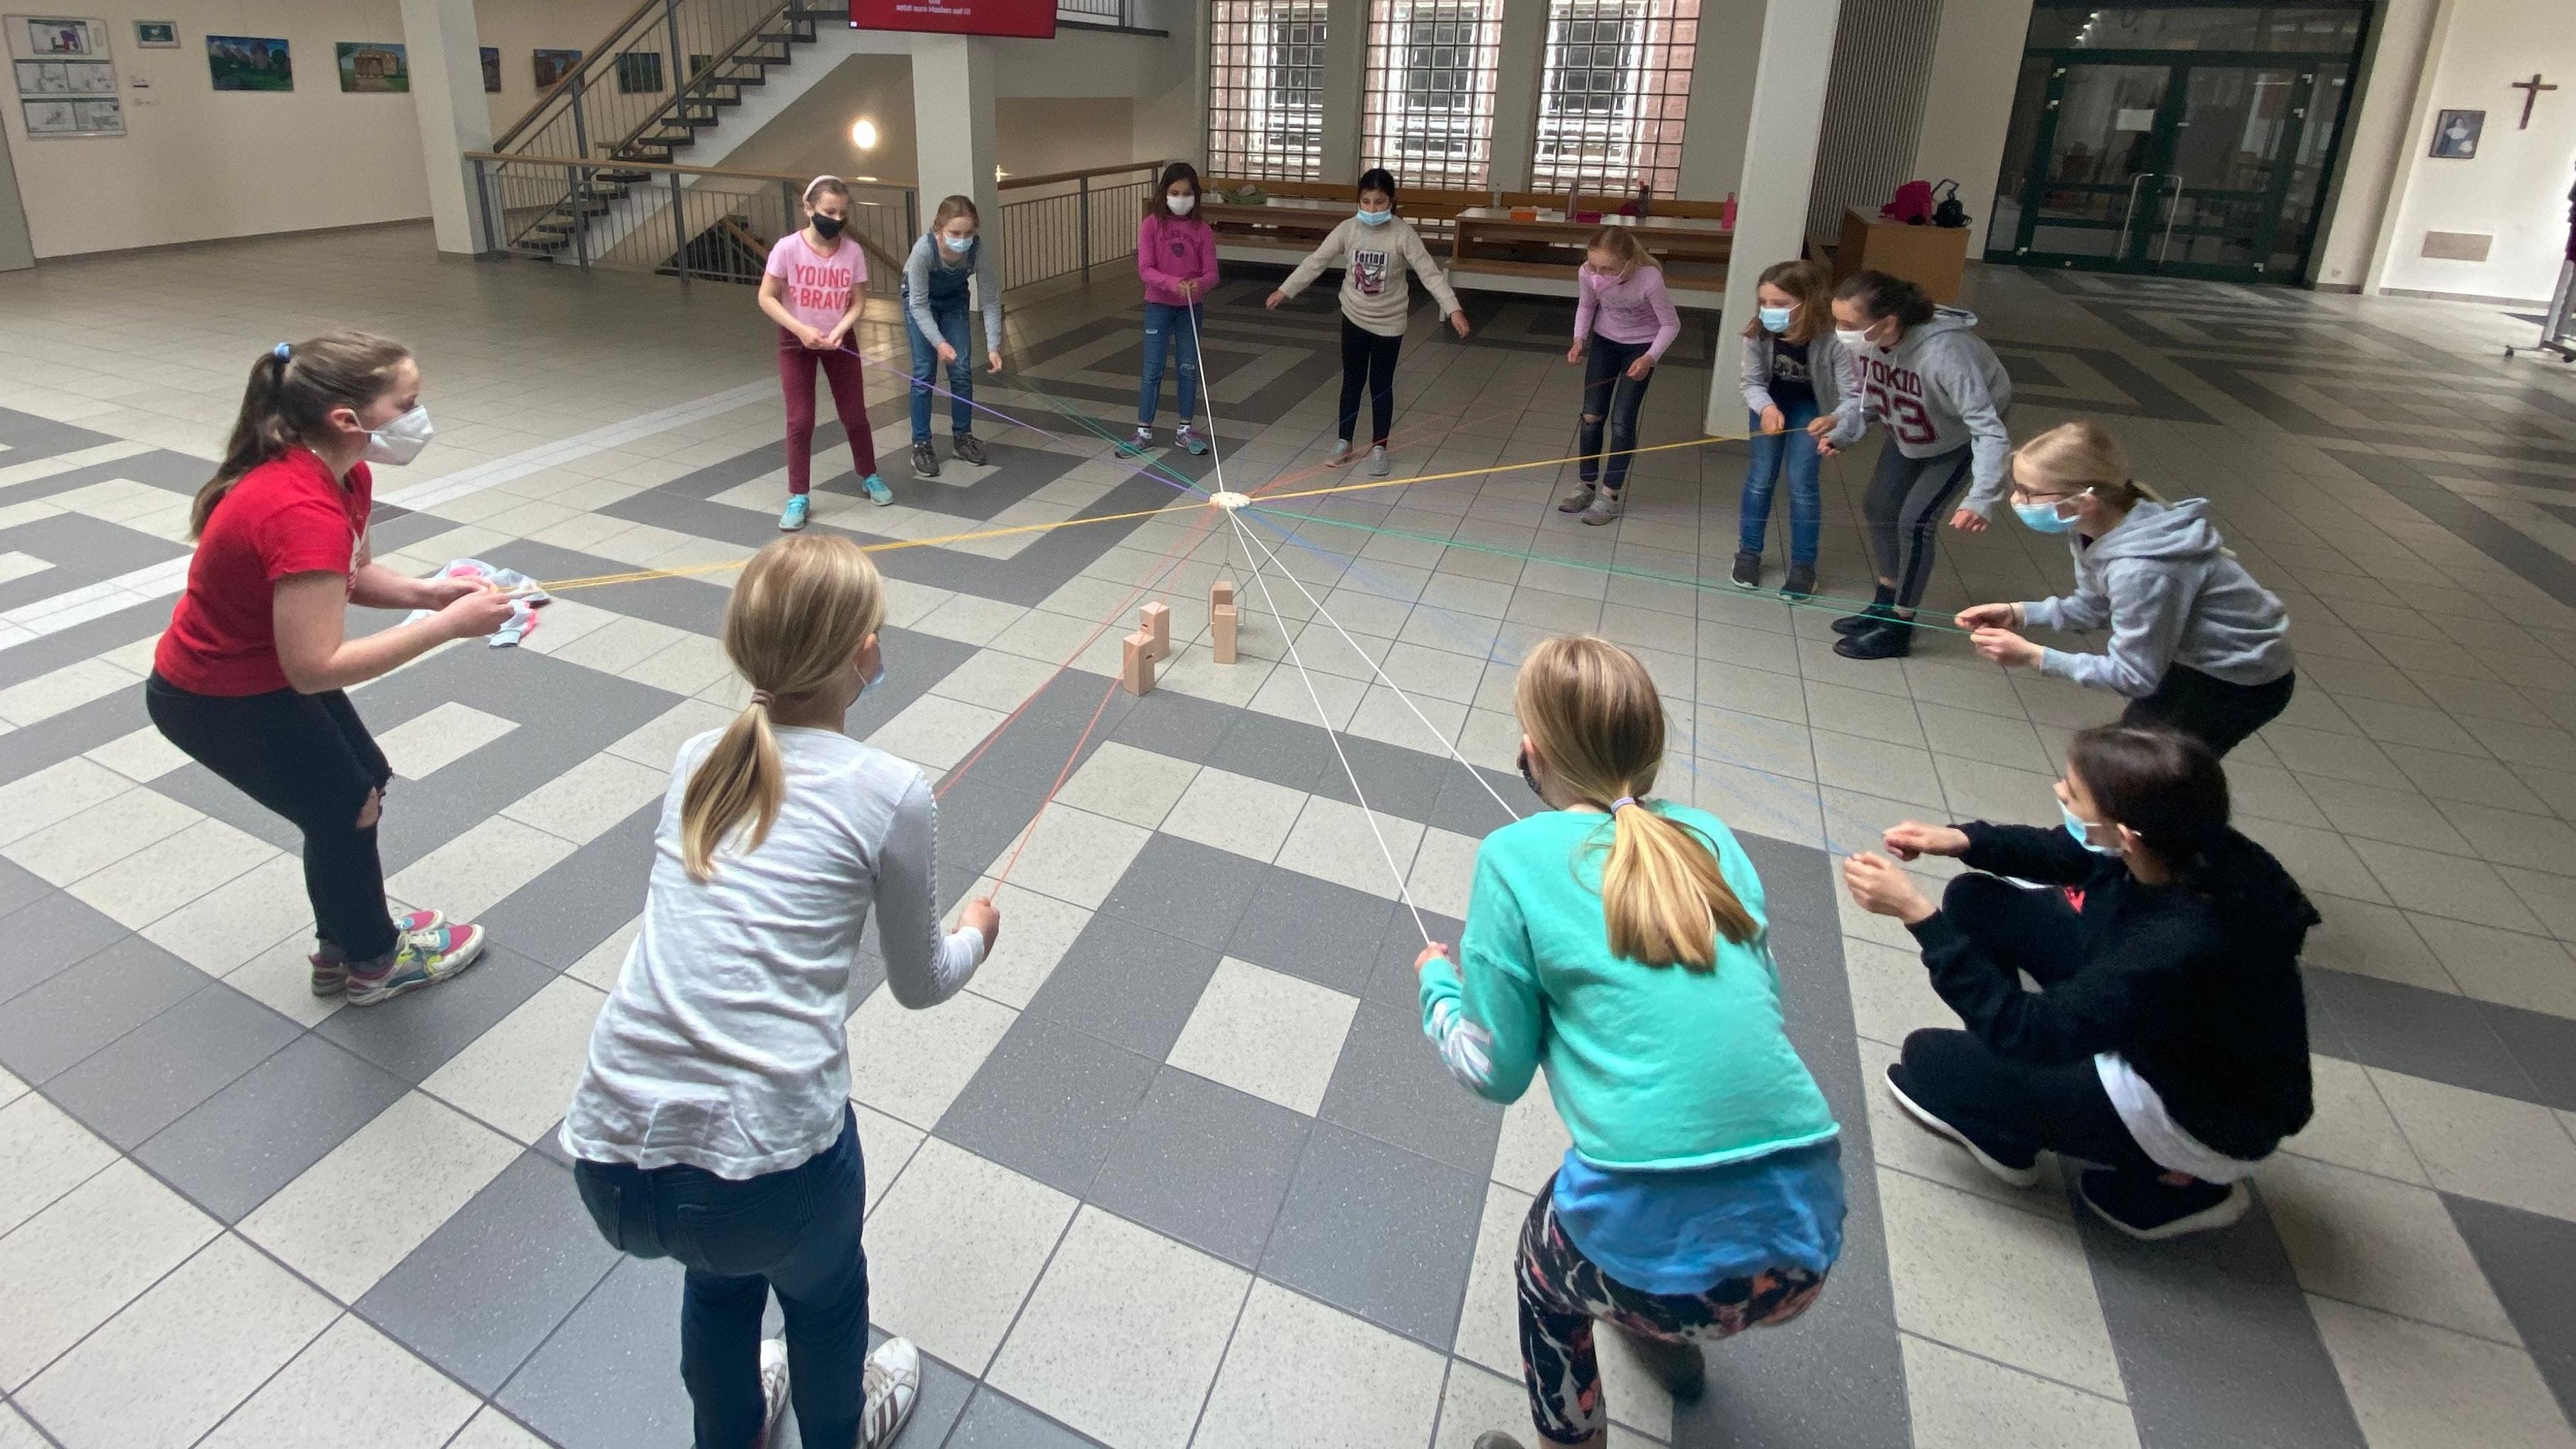 """Die Bedeutung von Zusammenarbeit erfahren die 11 Grundschülerinnen bei dem Spiel """"Turmbau"""", denn nur gemeinsam können sie das Ziel erreichen. Foto: C. Fischer"""